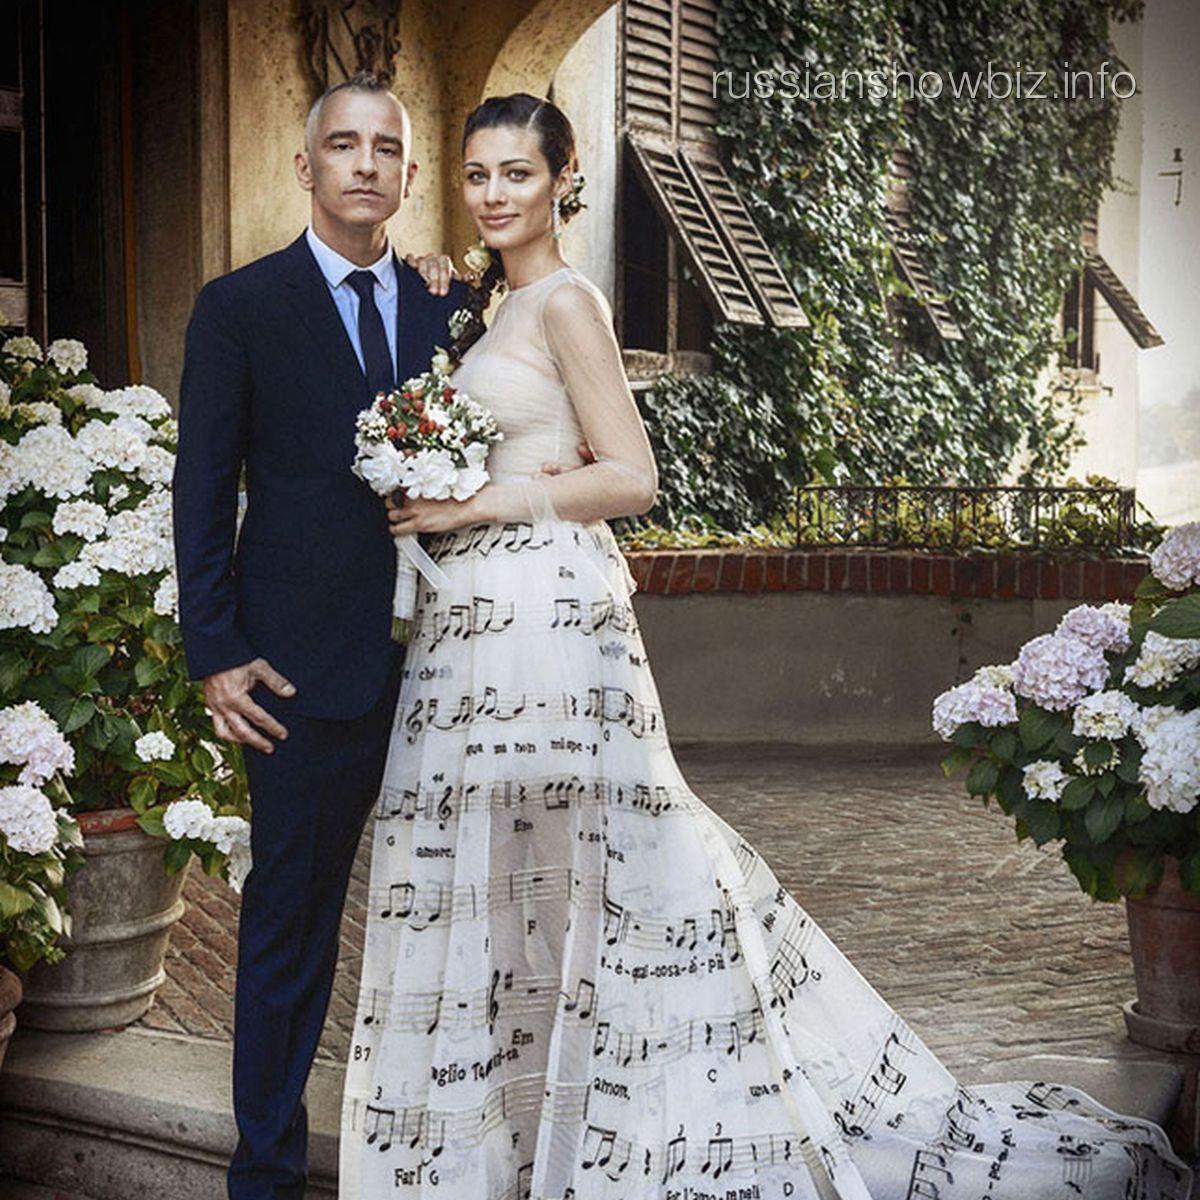 Эрос Рамазотти с молодой женой Марикой